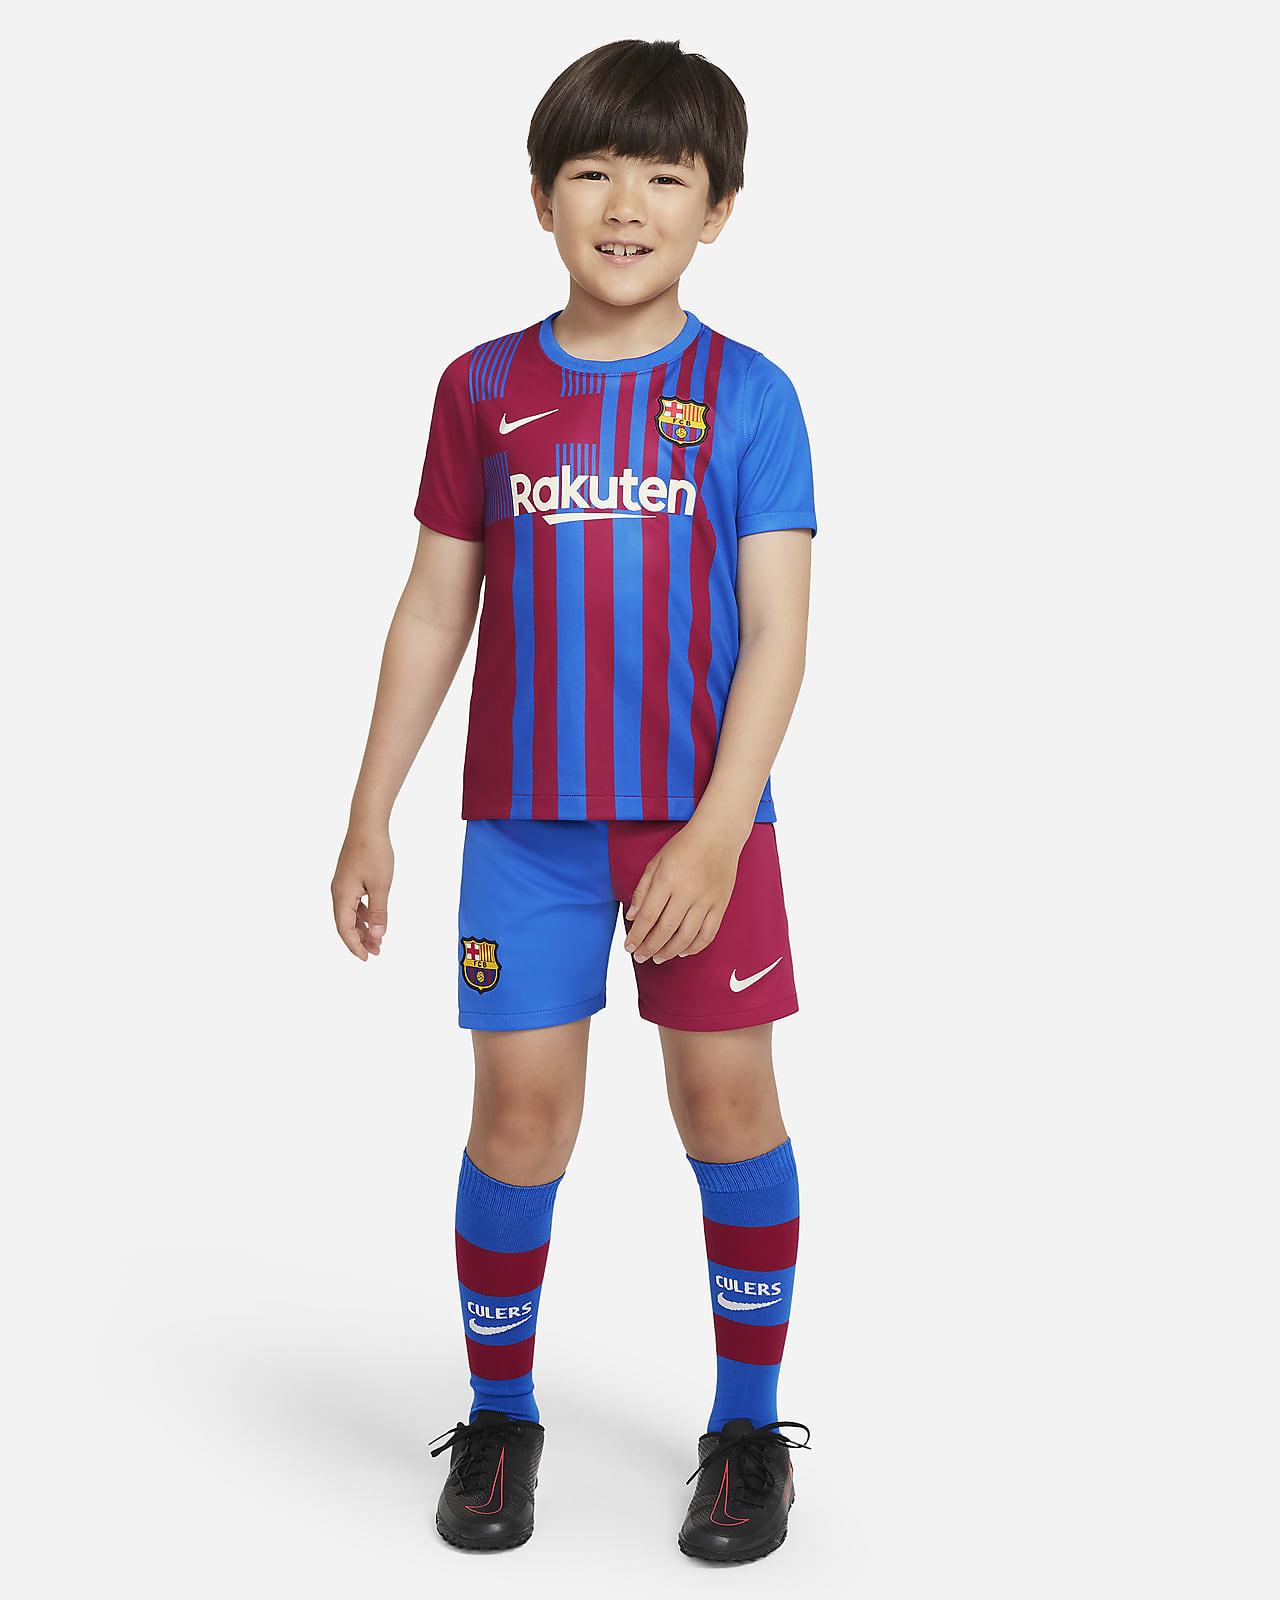 Kit de fútbol del FC Barcelona local 2021/22 para niños talla pequeña